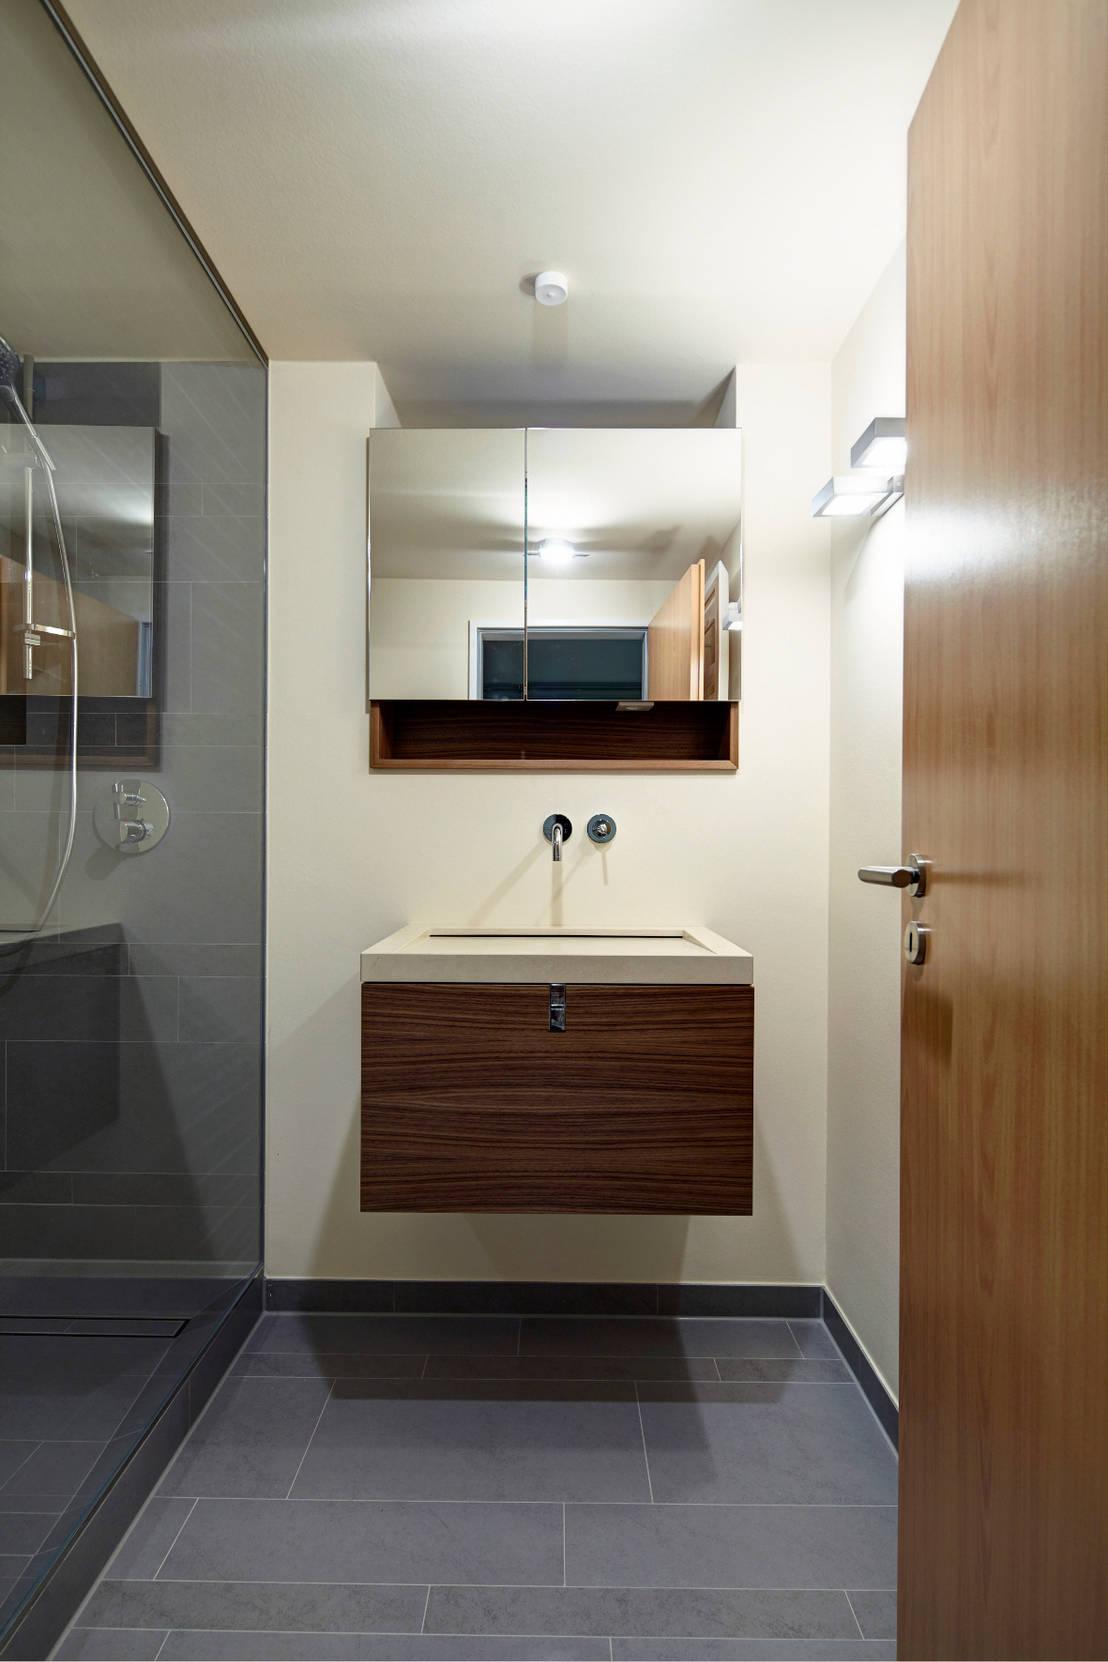 bad m nster von raumgesp r innenarchitektur design homify. Black Bedroom Furniture Sets. Home Design Ideas